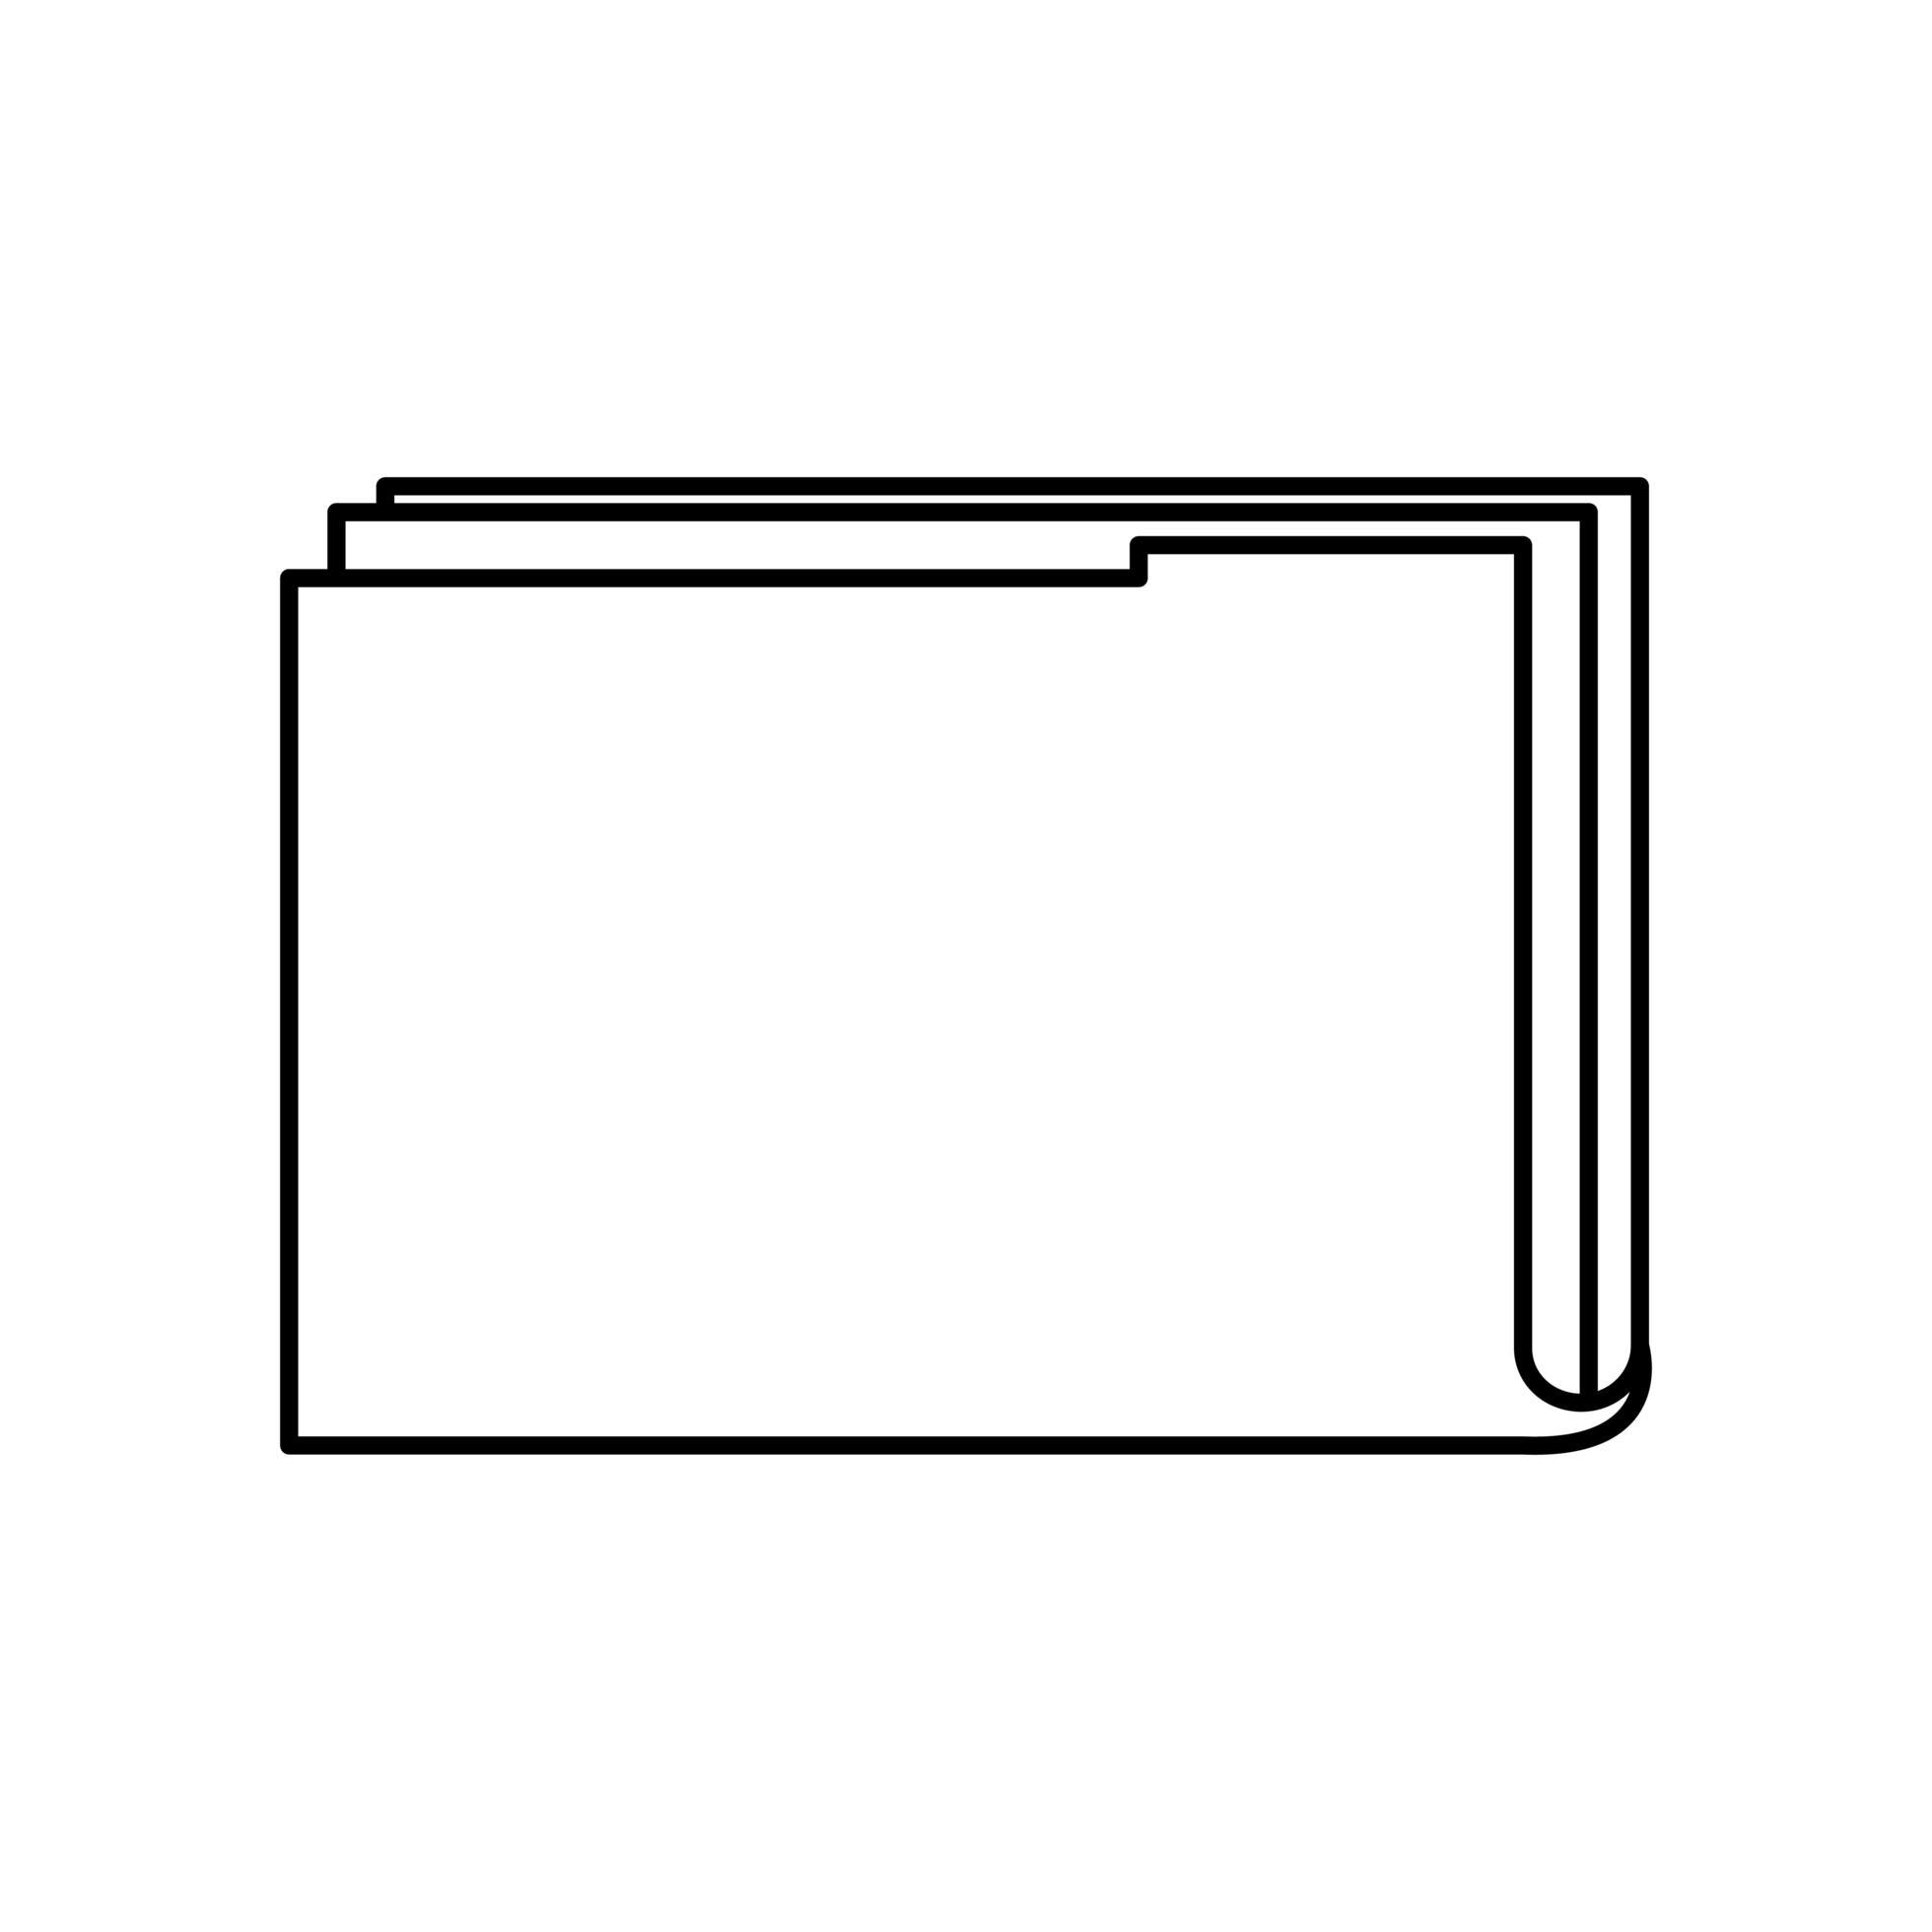 icône de style de ligne de symbole de fichier image